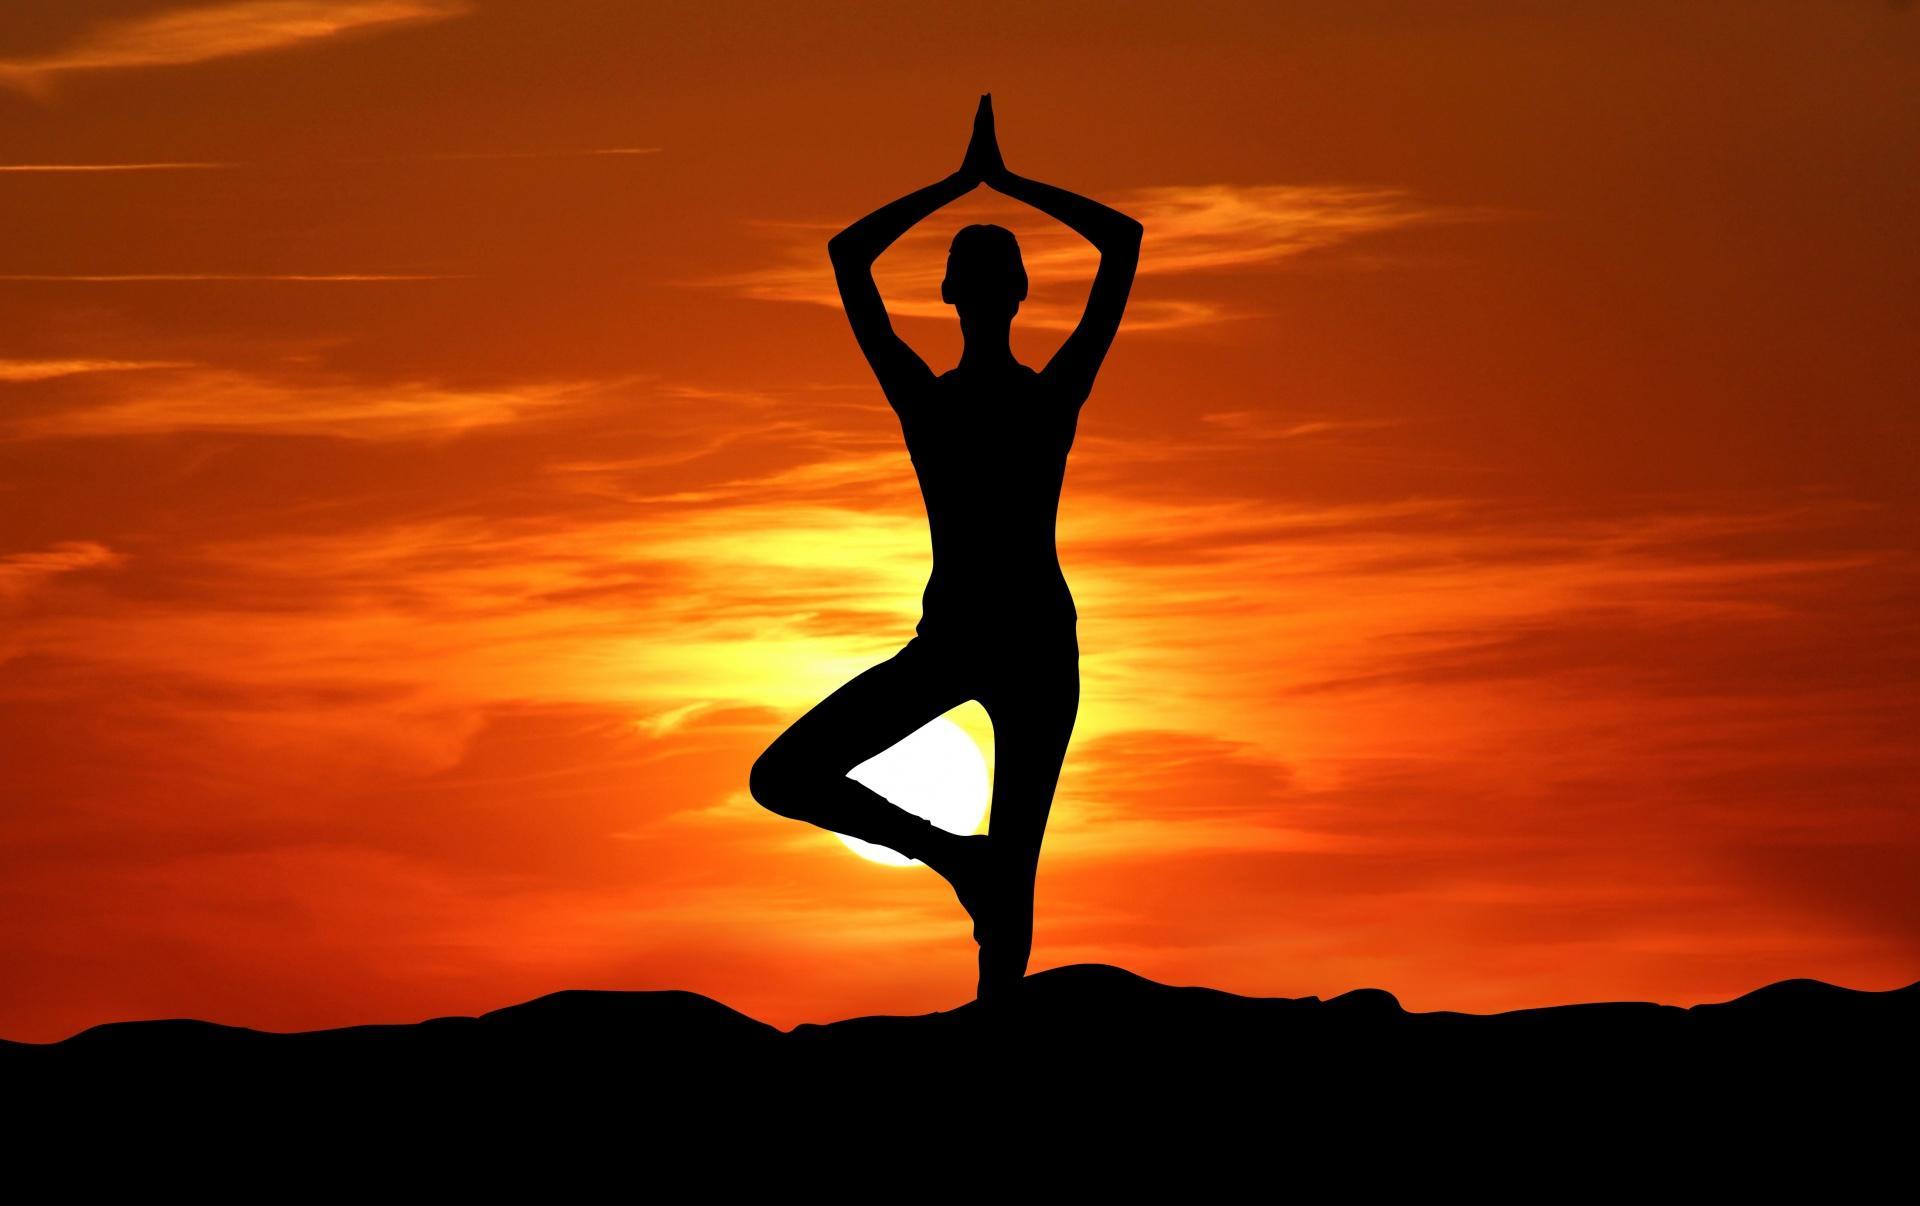 पांच योगासन जिनसे मधुमेह रोगियों को होता है फायदा